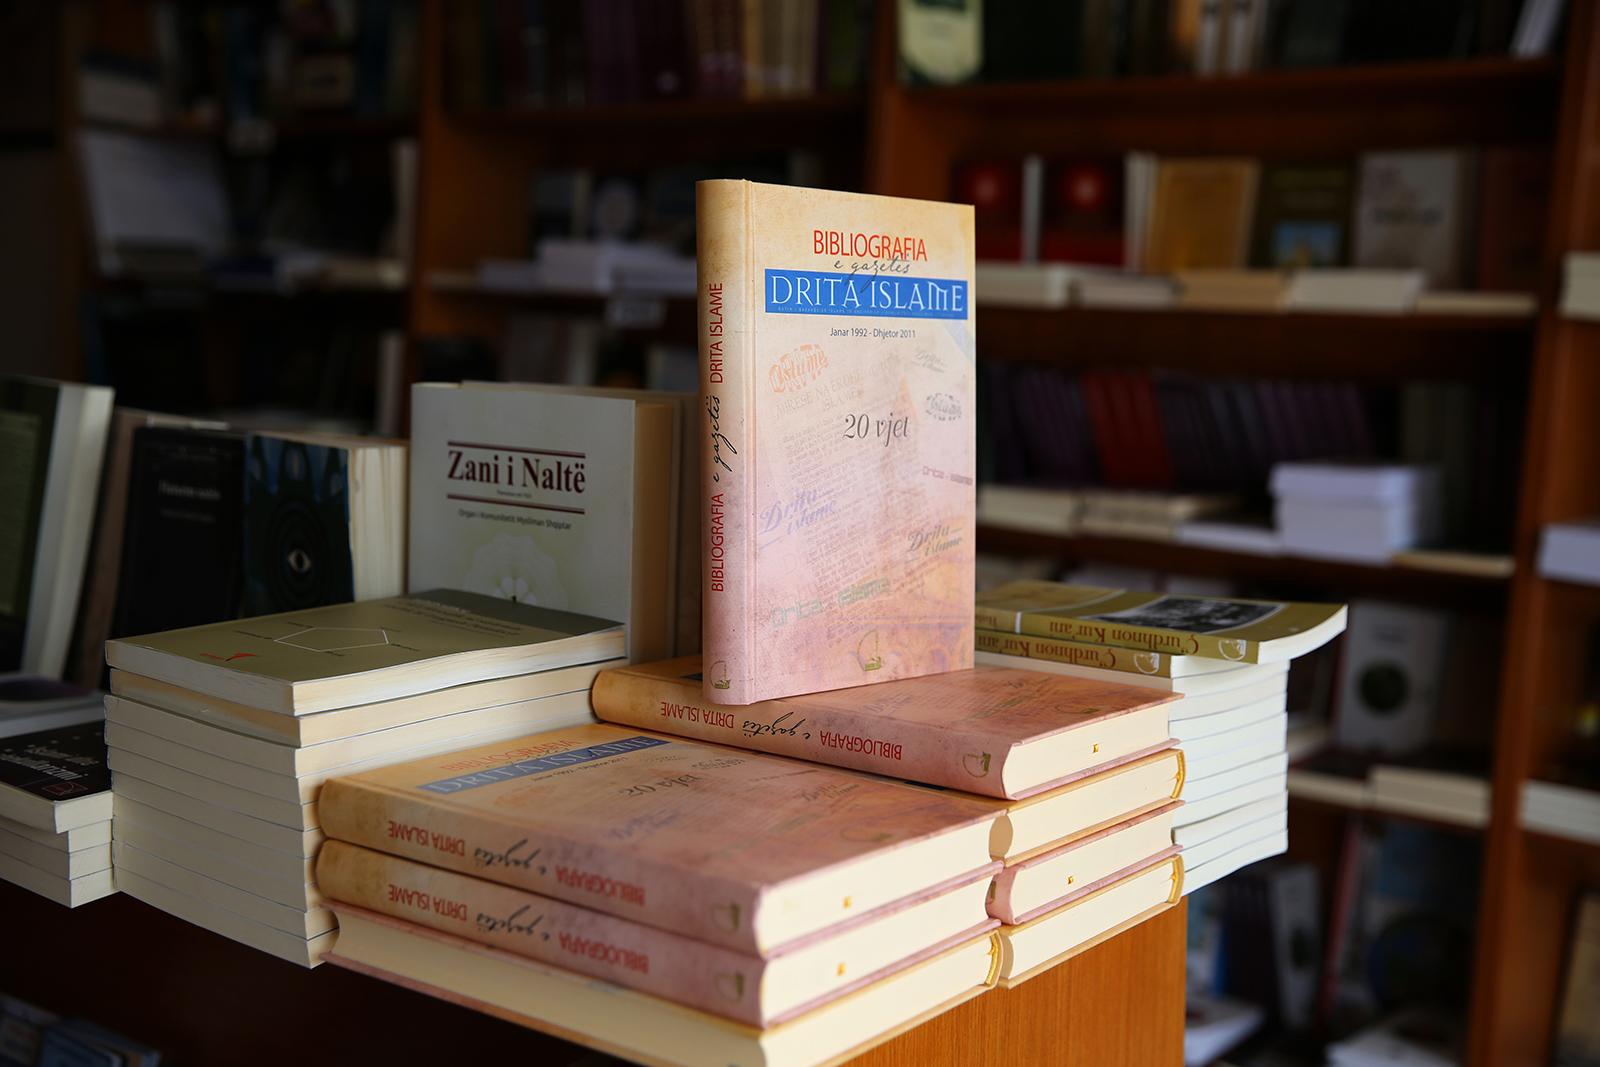 """Botohet bibliografia e 20 viteve të gazetës """"Drita Islame"""""""